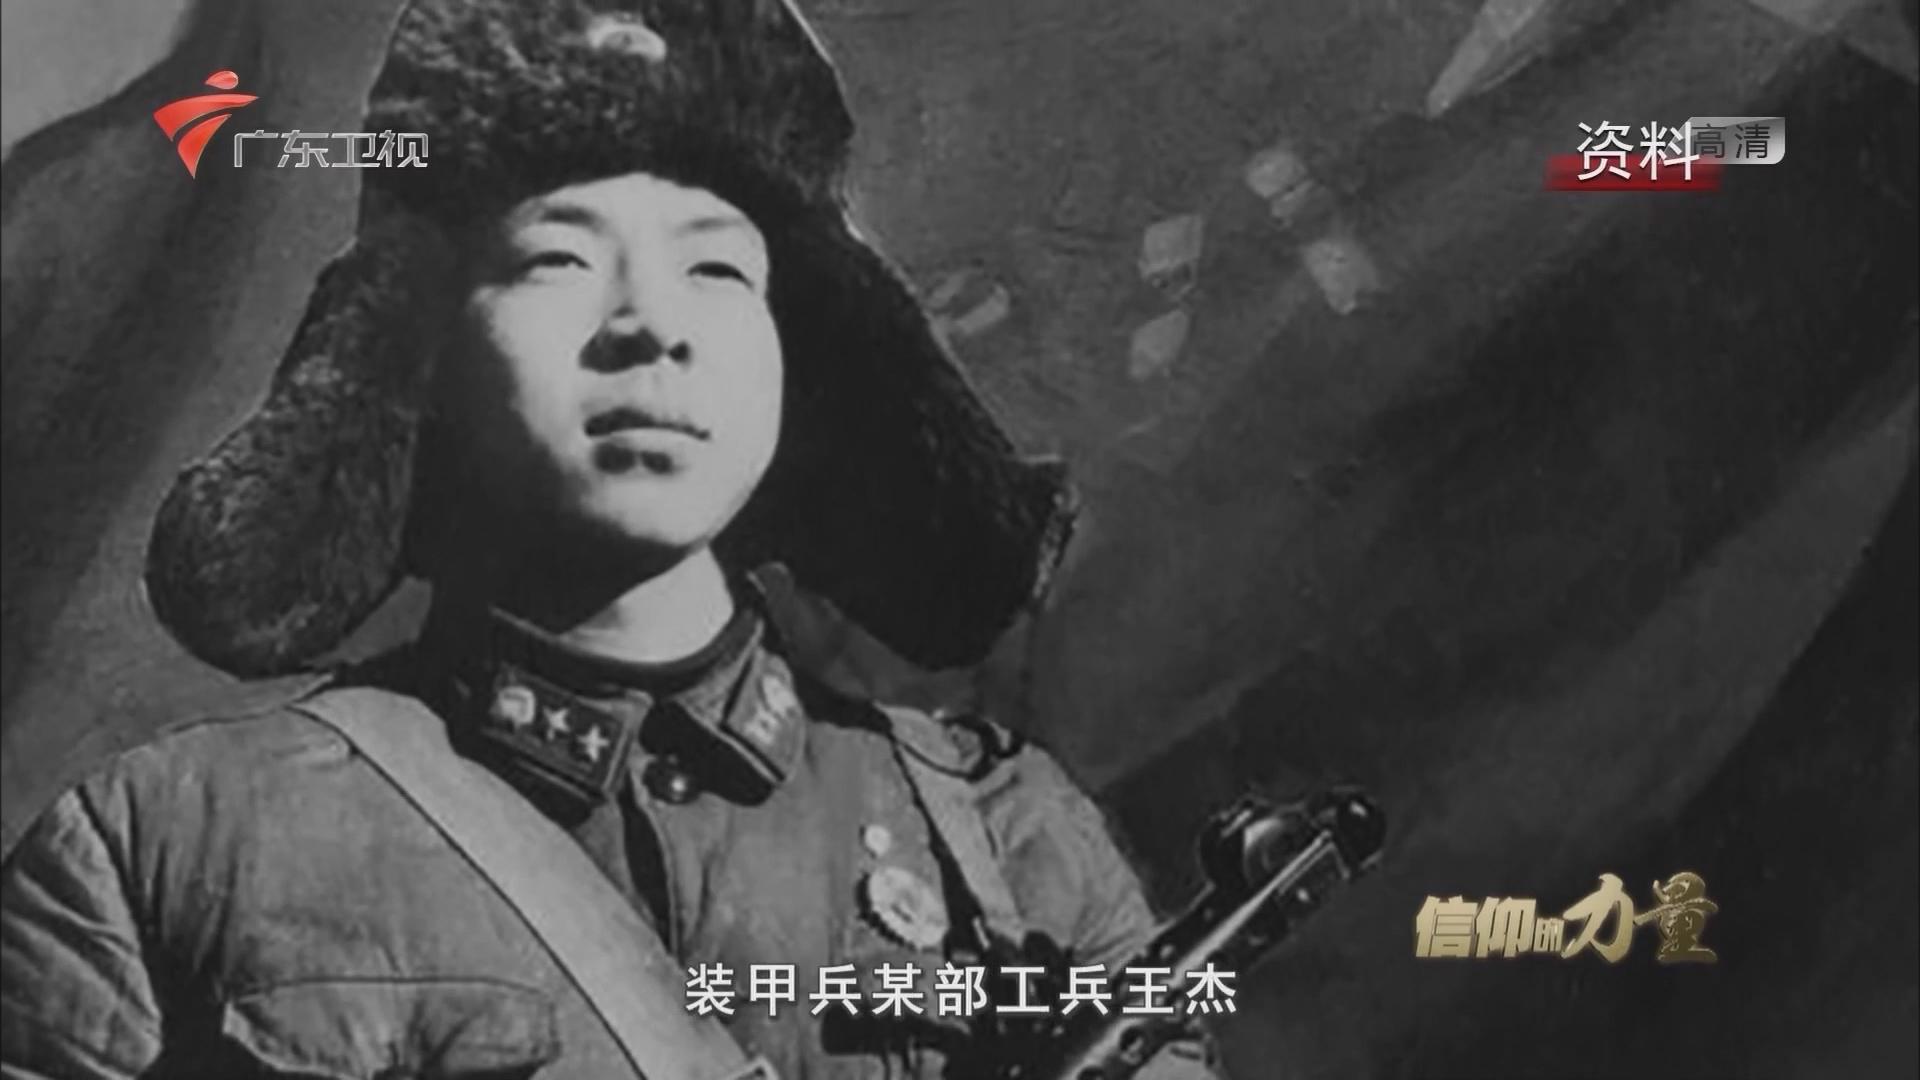 信仰的力量(23)忠勇战士